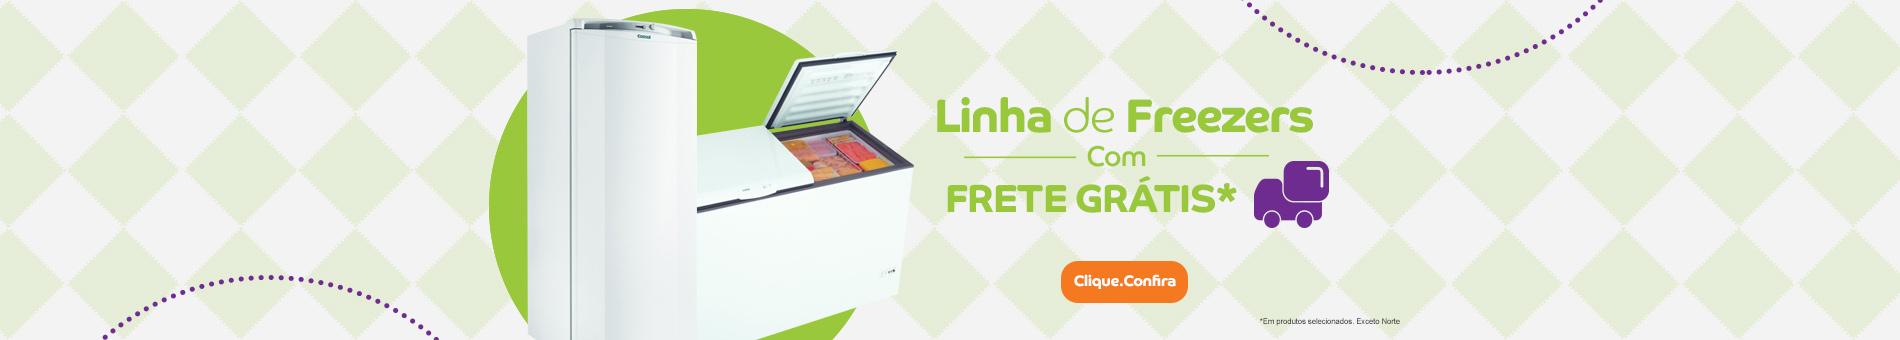 Promoção Interna - 841 - diadefretegratis_freezer_home2_23092016 - freezer - 2